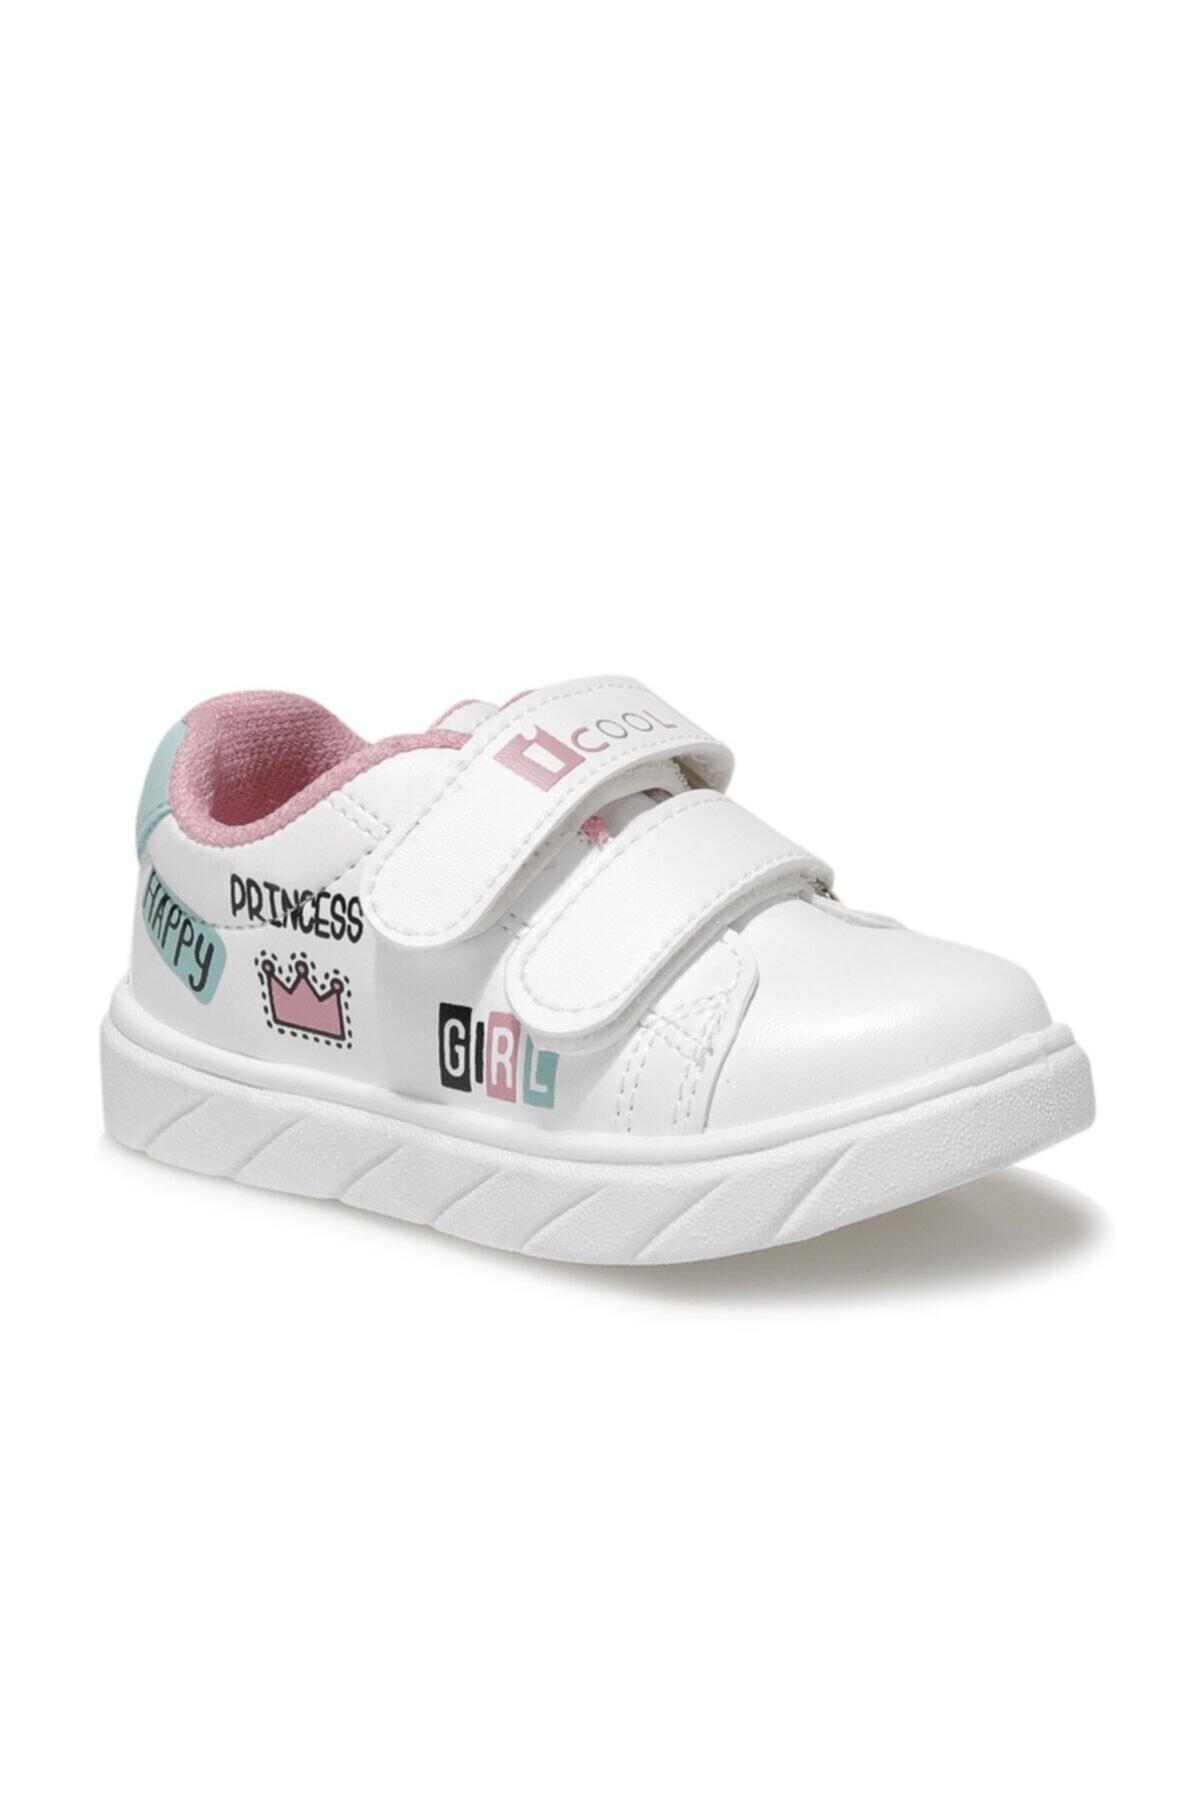 I COOL PRINCESS Beyaz Kız Çocuk Sneaker Ayakkabı 100664317 1